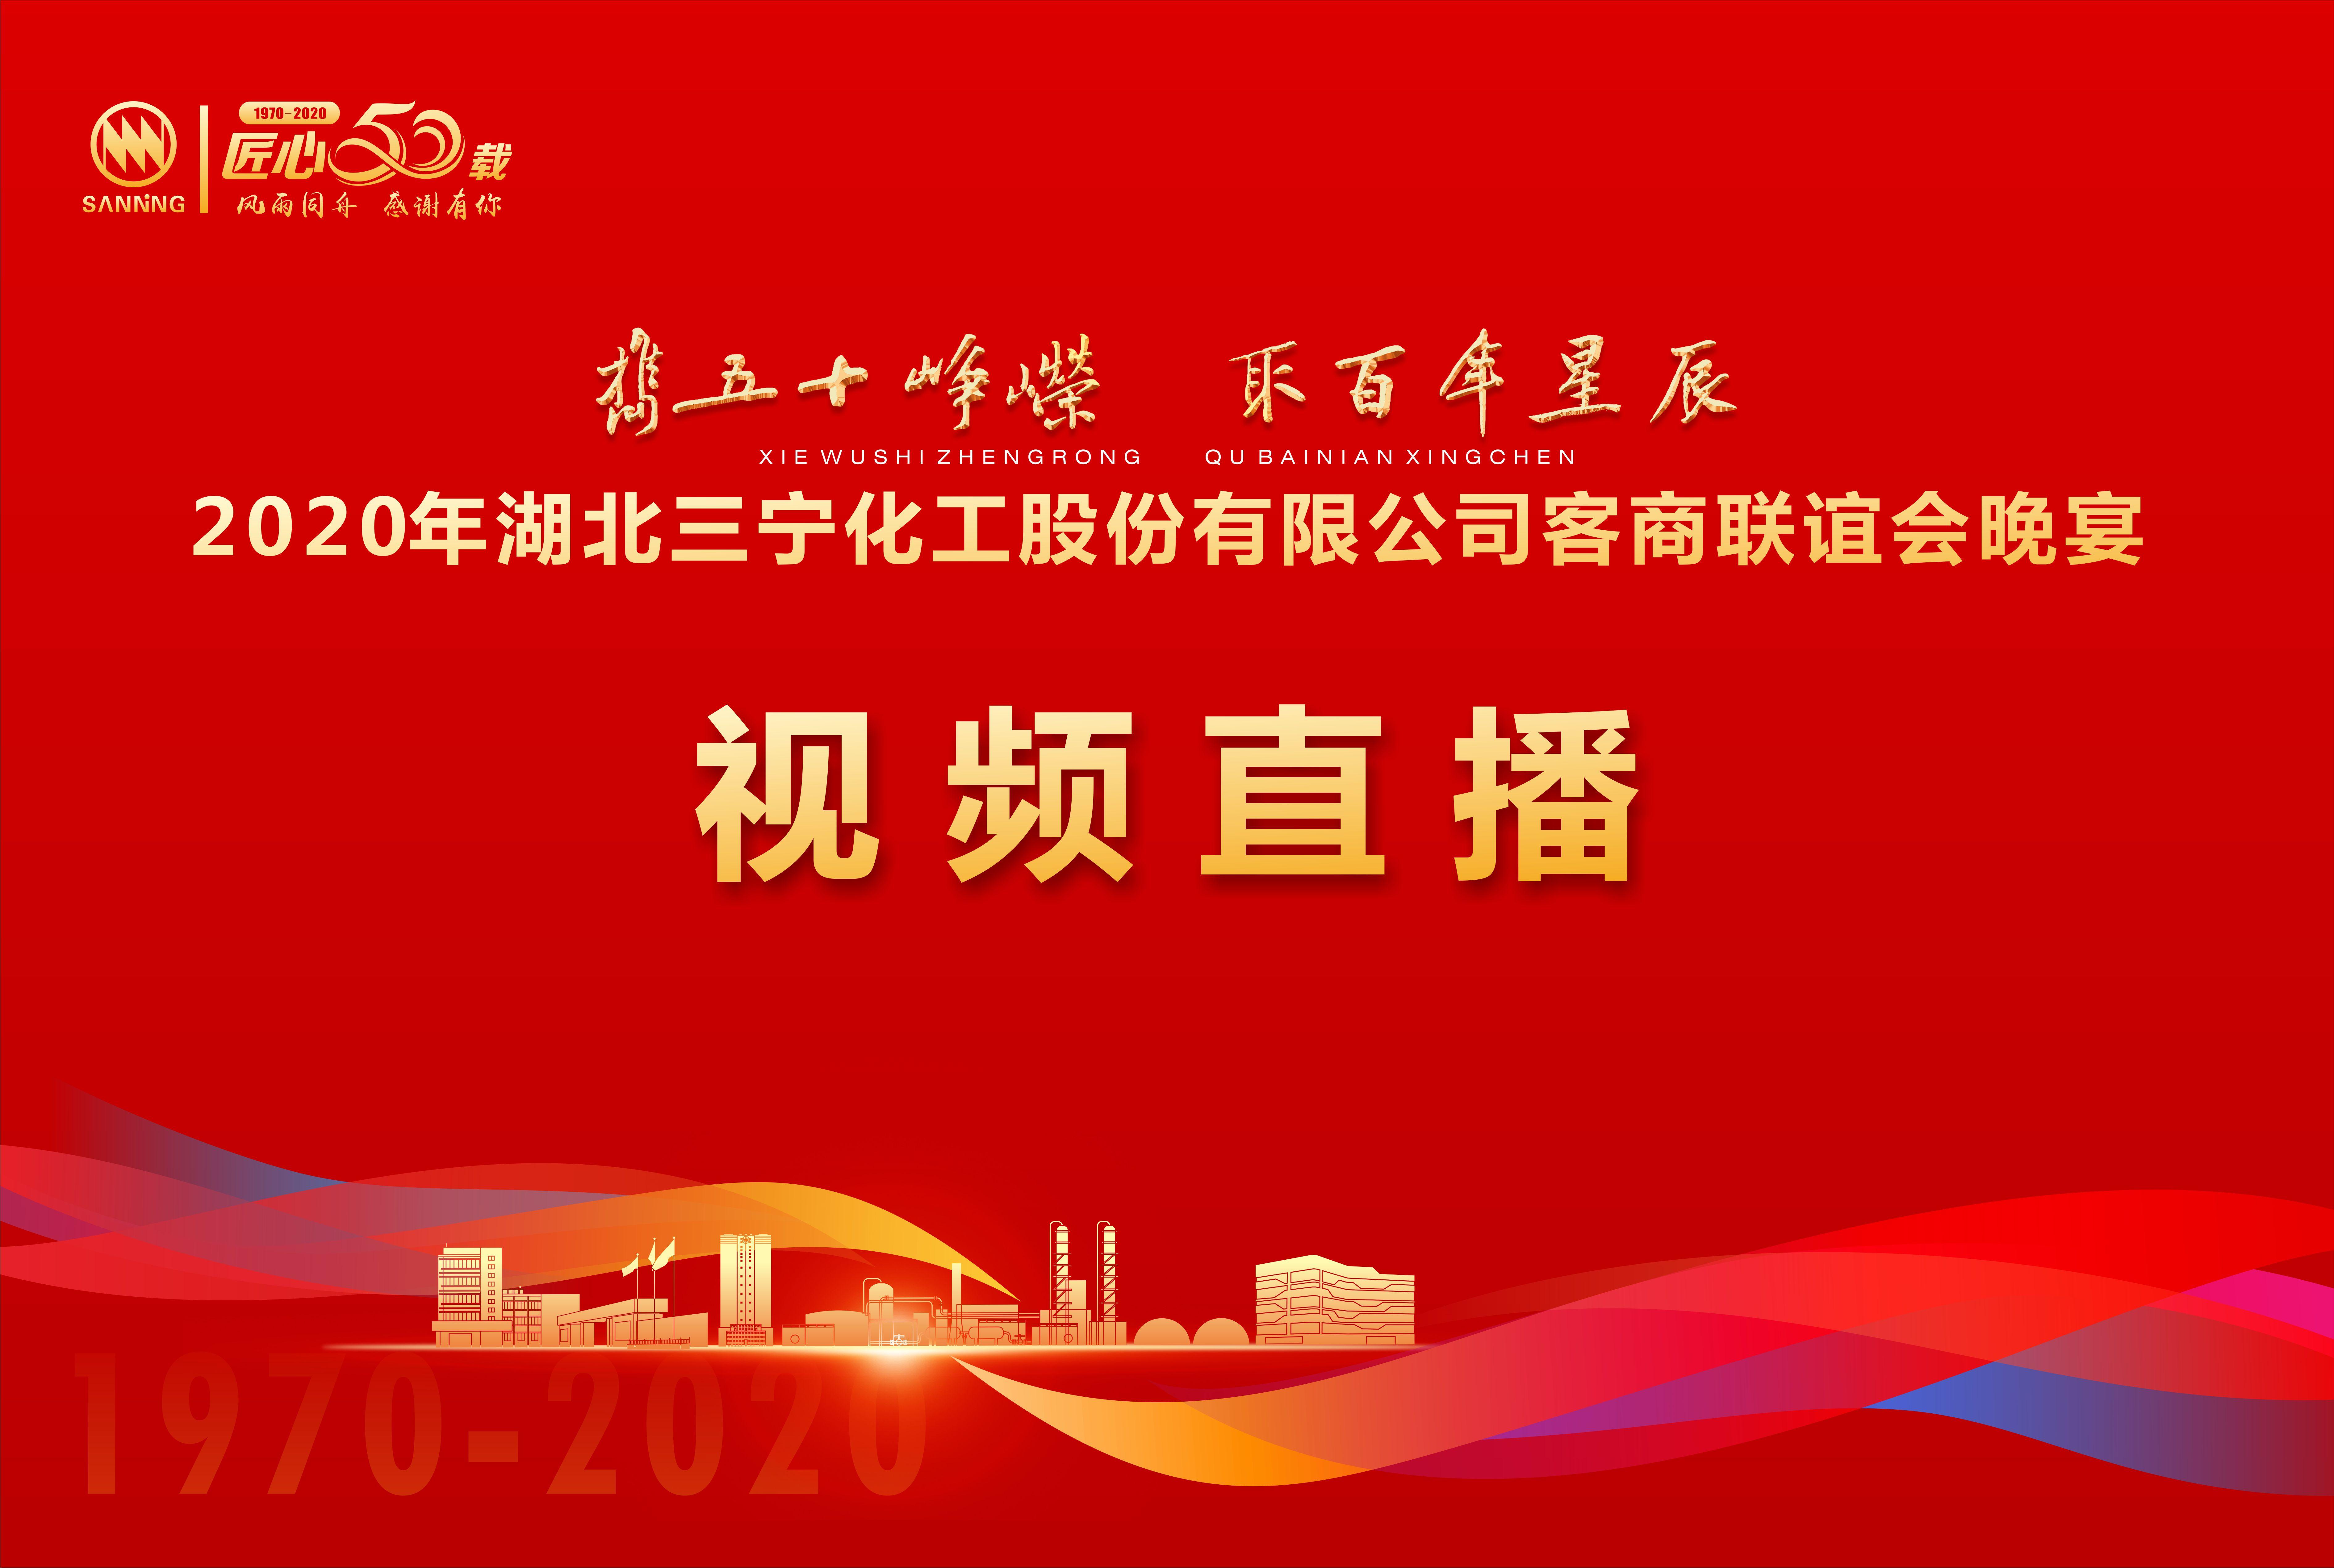 【视频直播】2020湖北三宁股份有限公司客商联谊会晚宴